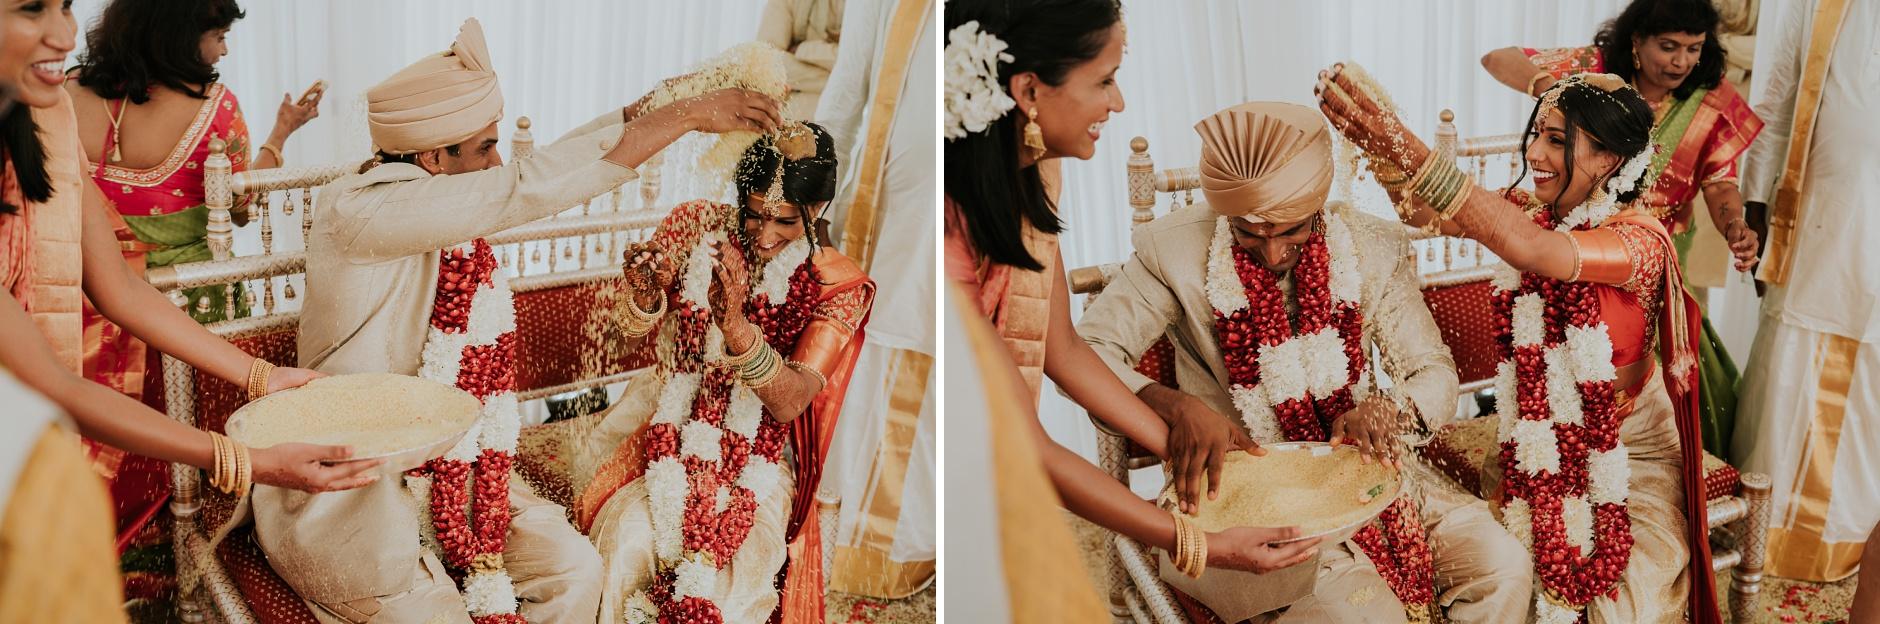 brahman&priyanka0809a_Byron-Bay-Wedding.jpg